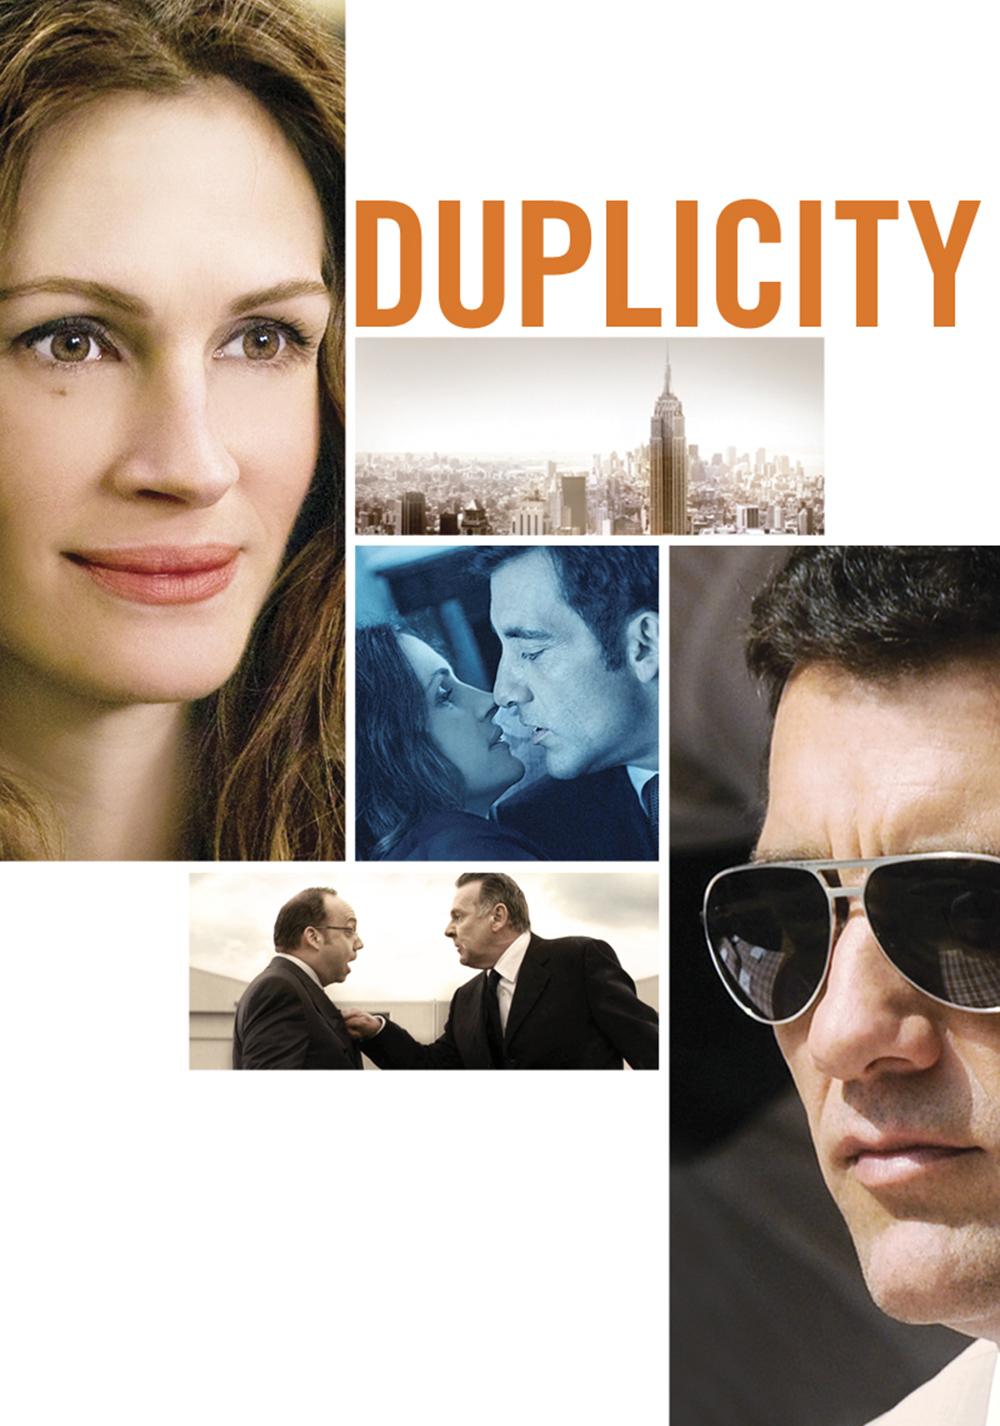 Duplicity Film